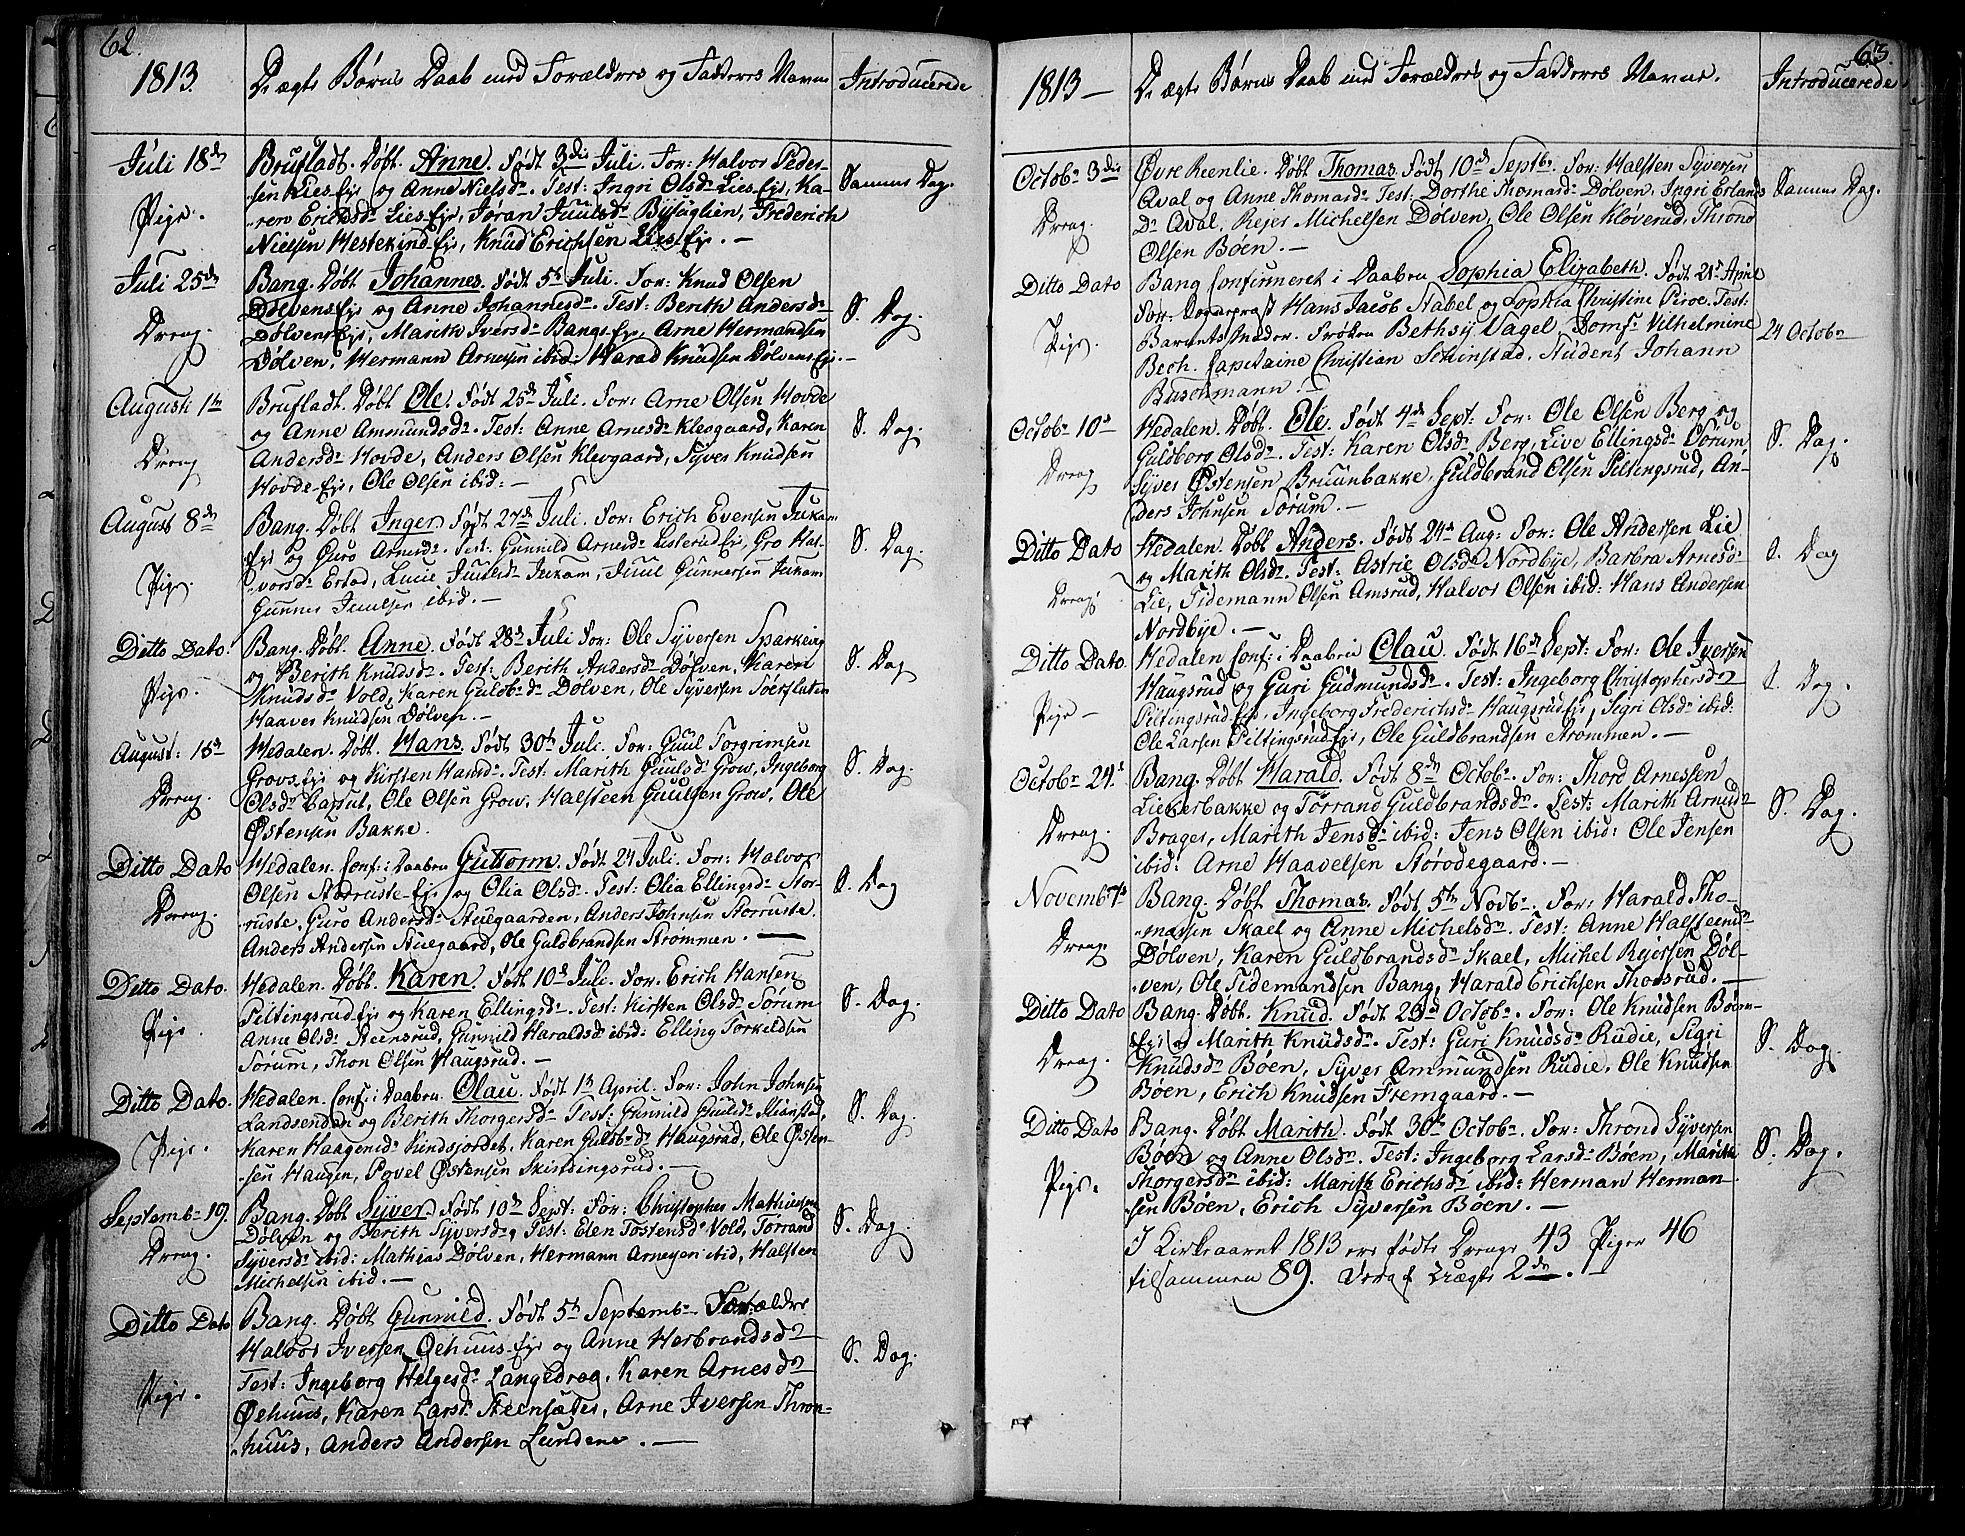 SAH, Sør-Aurdal prestekontor, Ministerialbok nr. 1, 1807-1815, s. 62-63